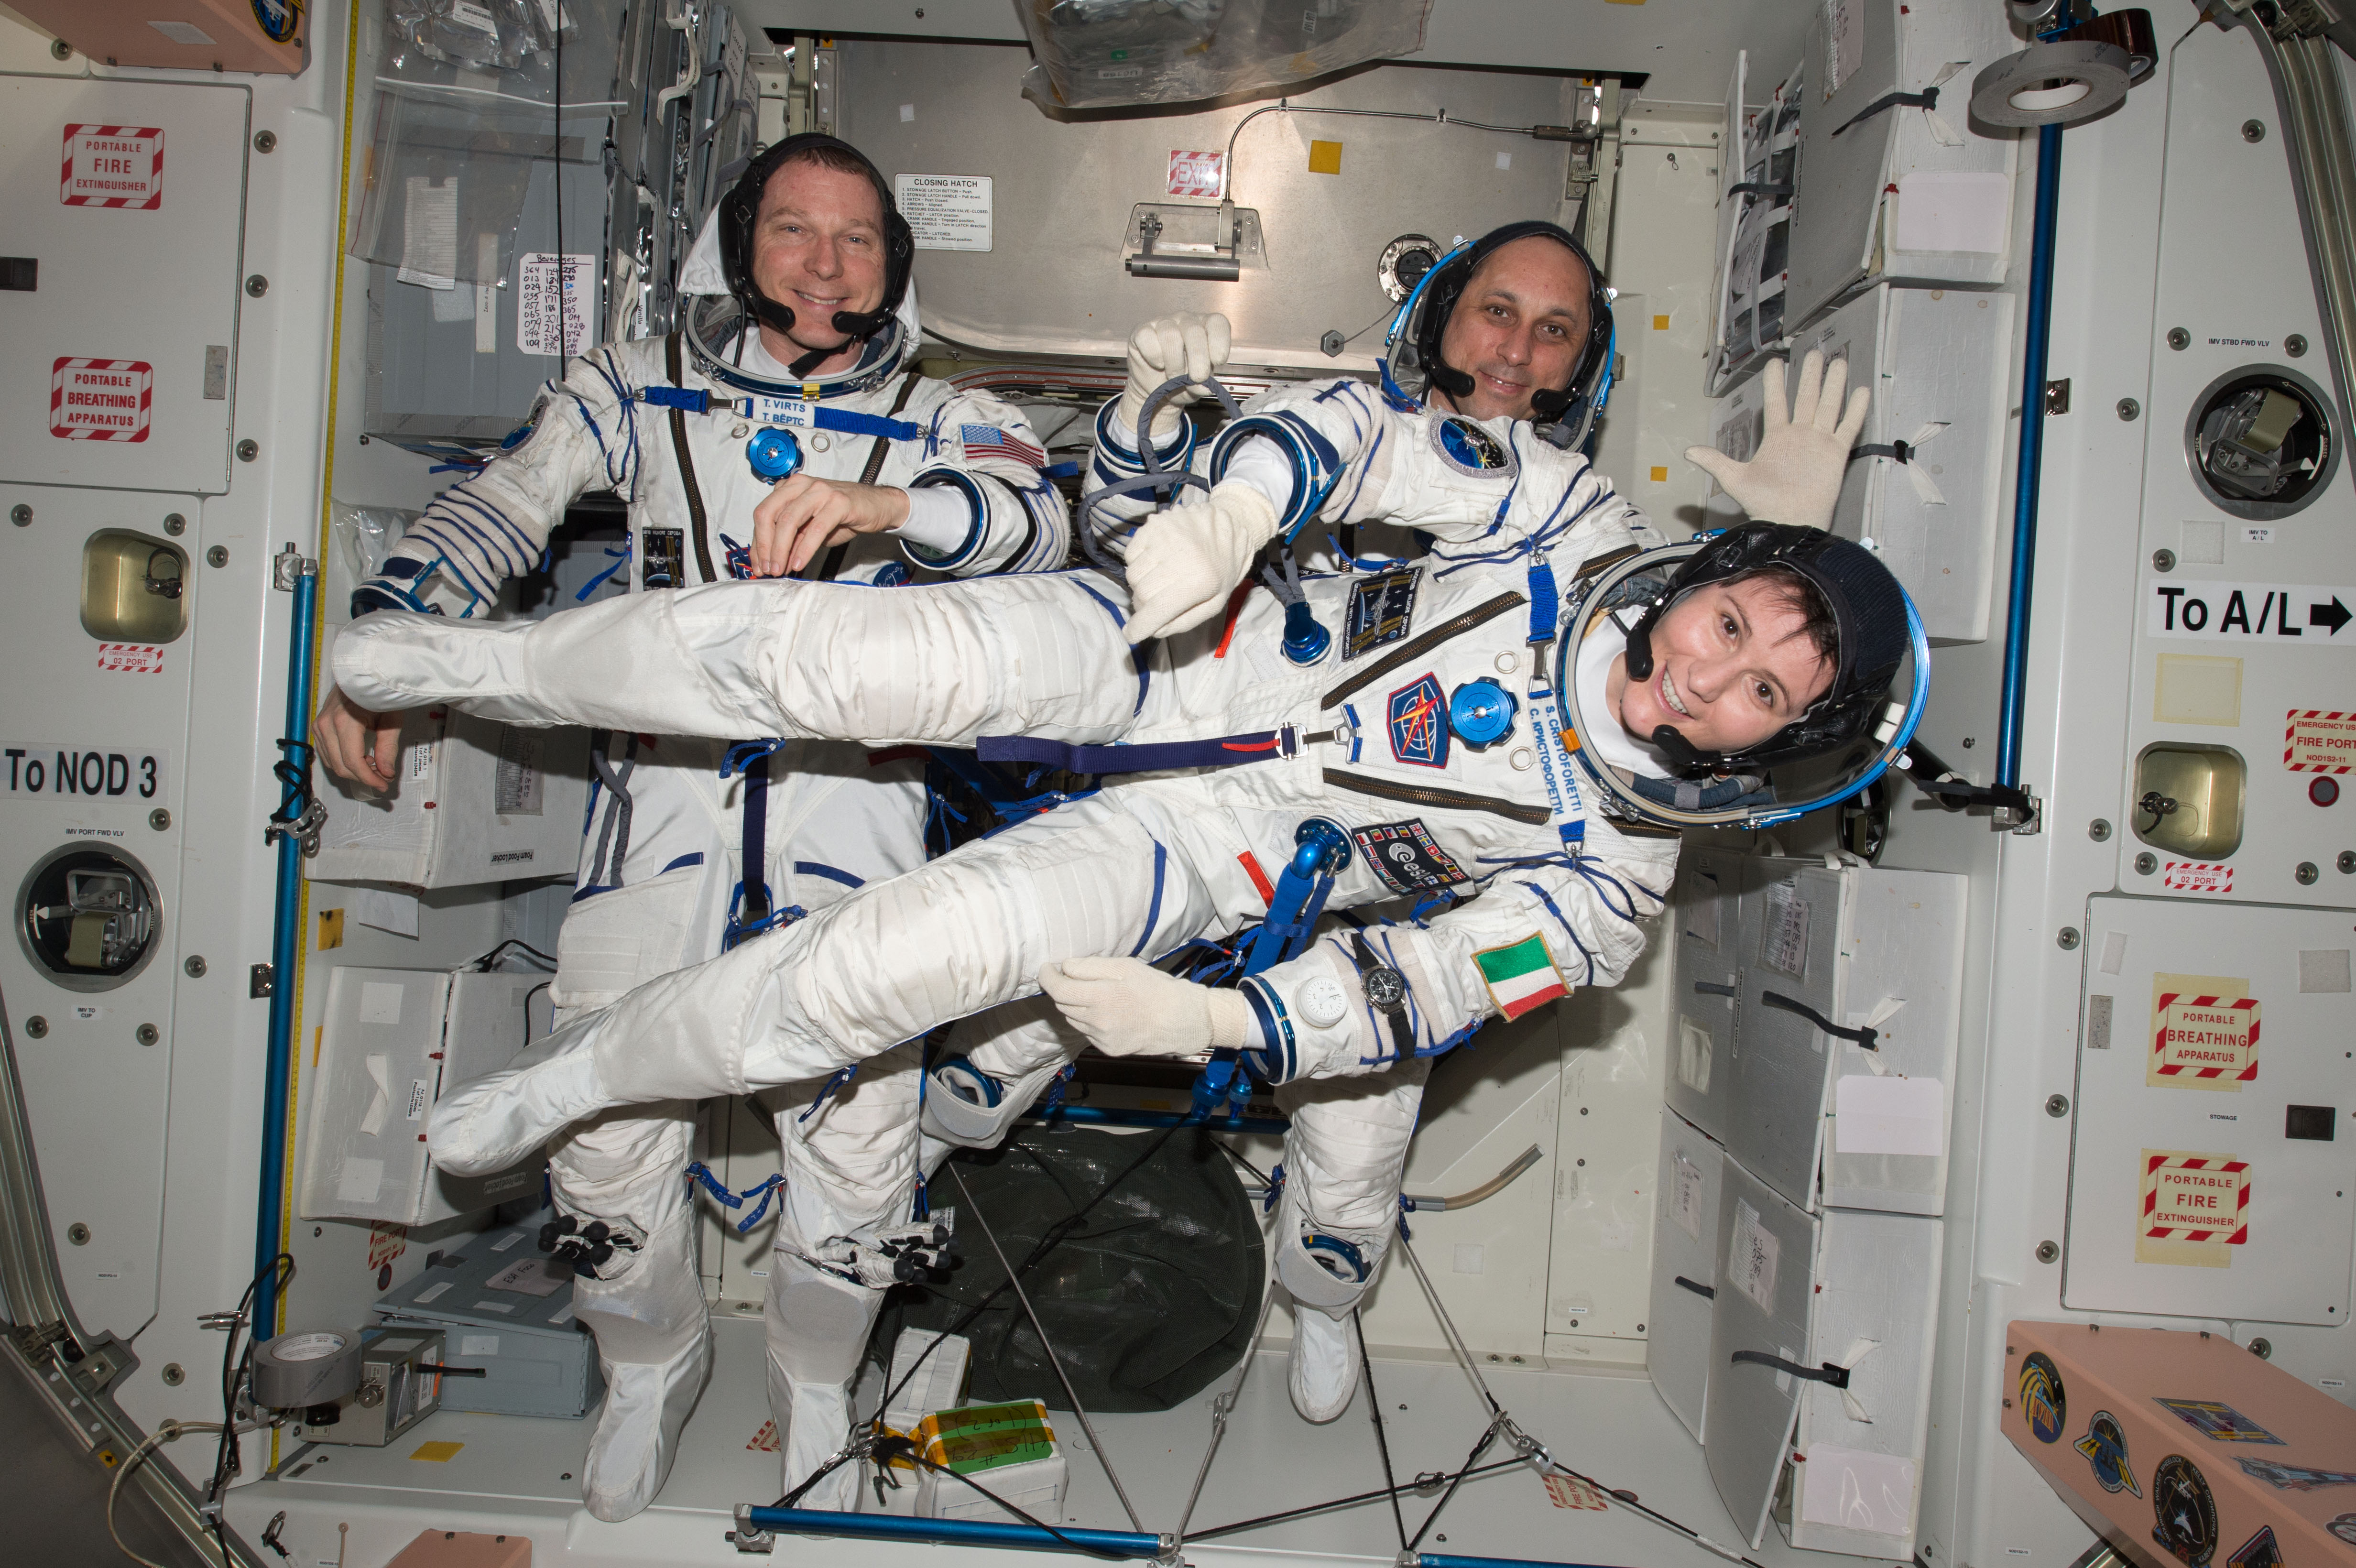 탐험대43의 세 우주인의 소유즈 우주복 점검중